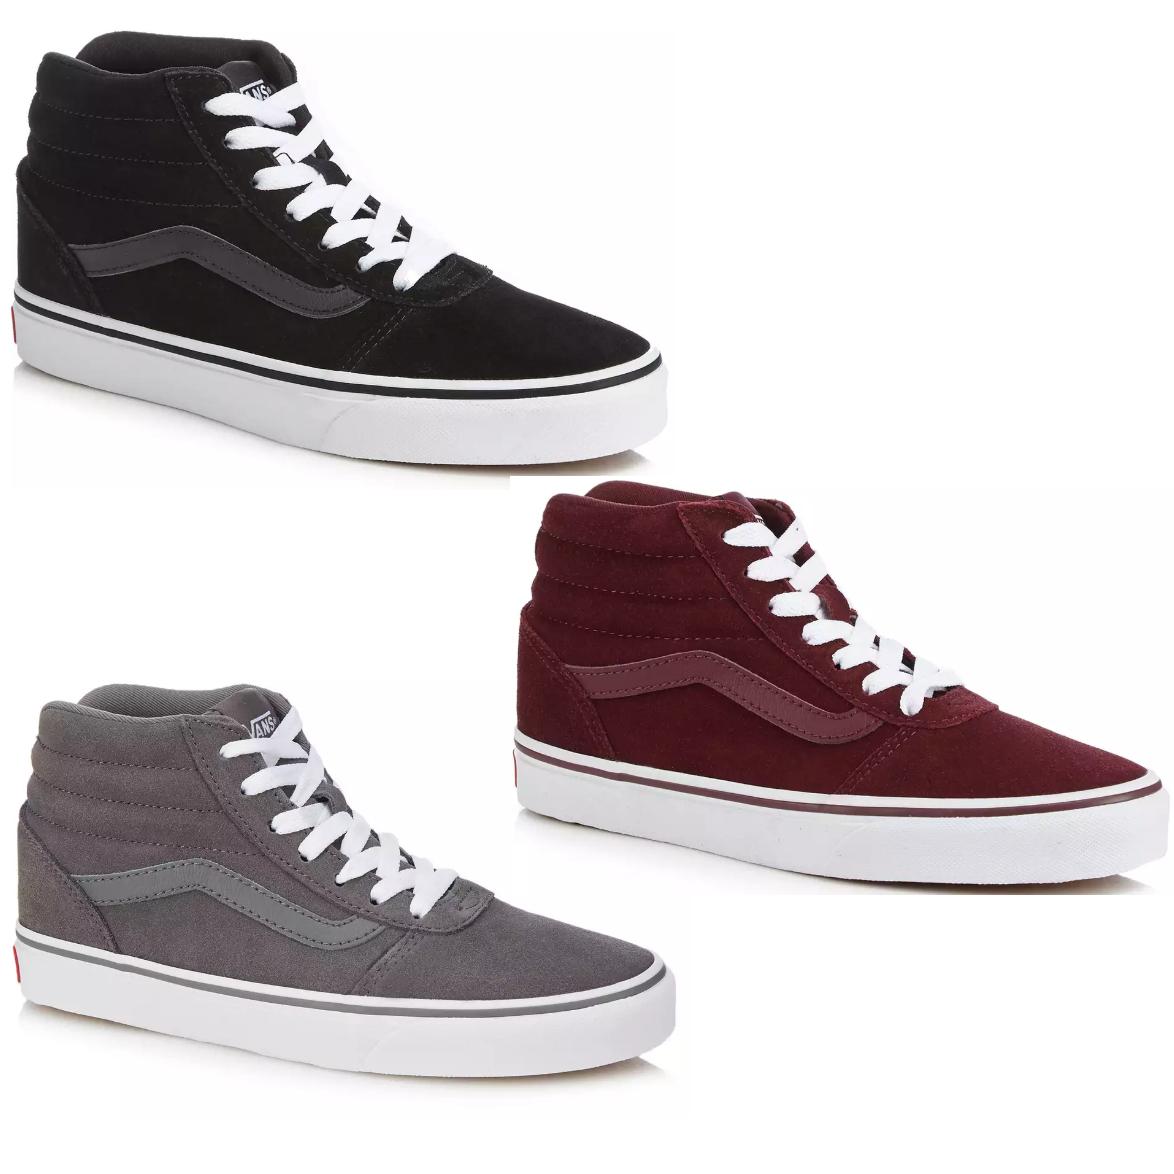 Women's Vans - Suede 'Ward' high-top trainers in Black, Grey or Maroon (was £60) Now £30 @ Debenhams